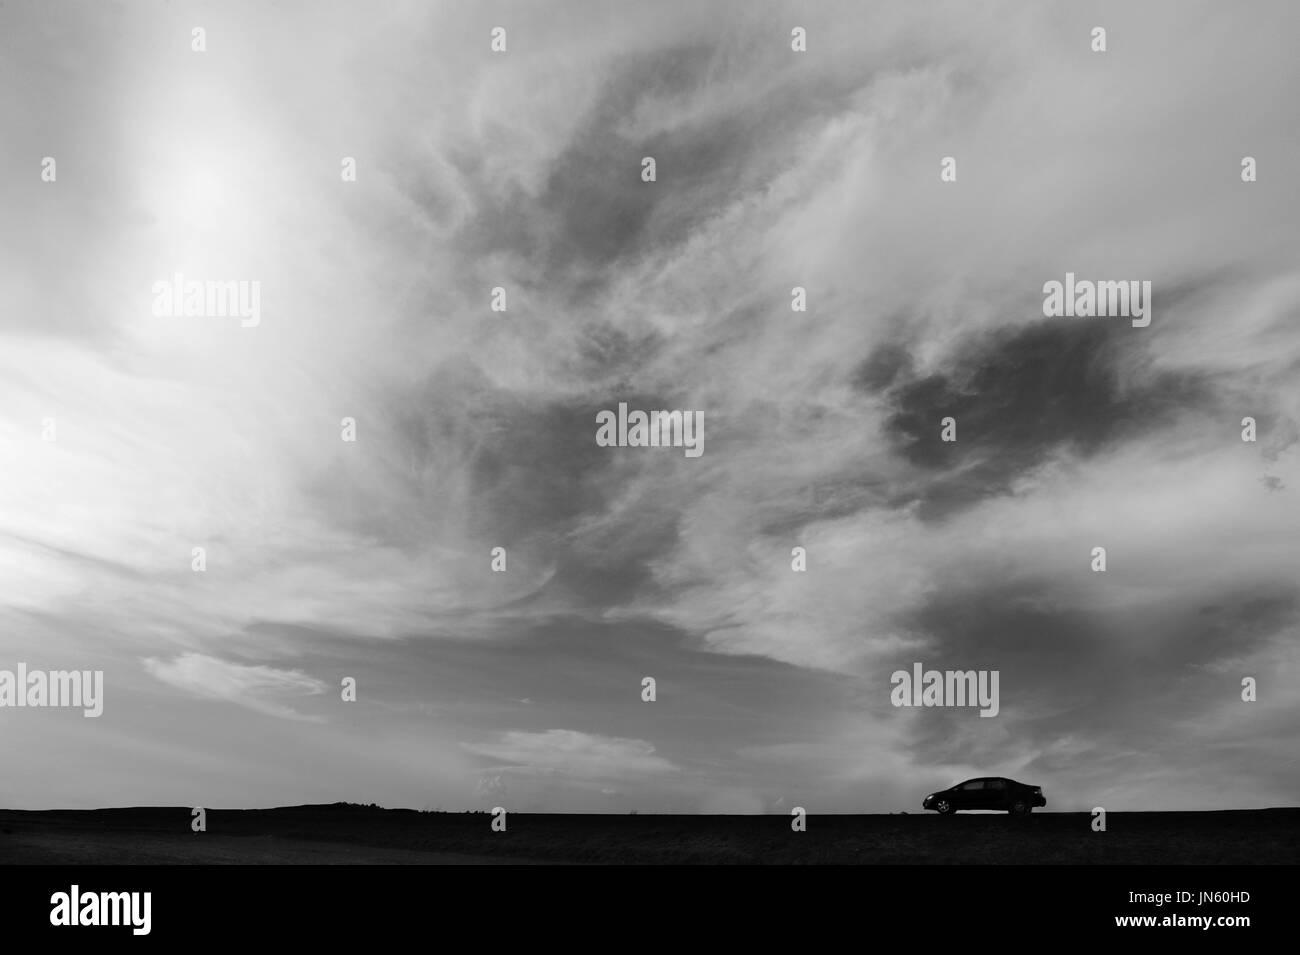 Ampia Sky E Sillhouette Auto Buona Per Lo Sfondo E La Presentazione